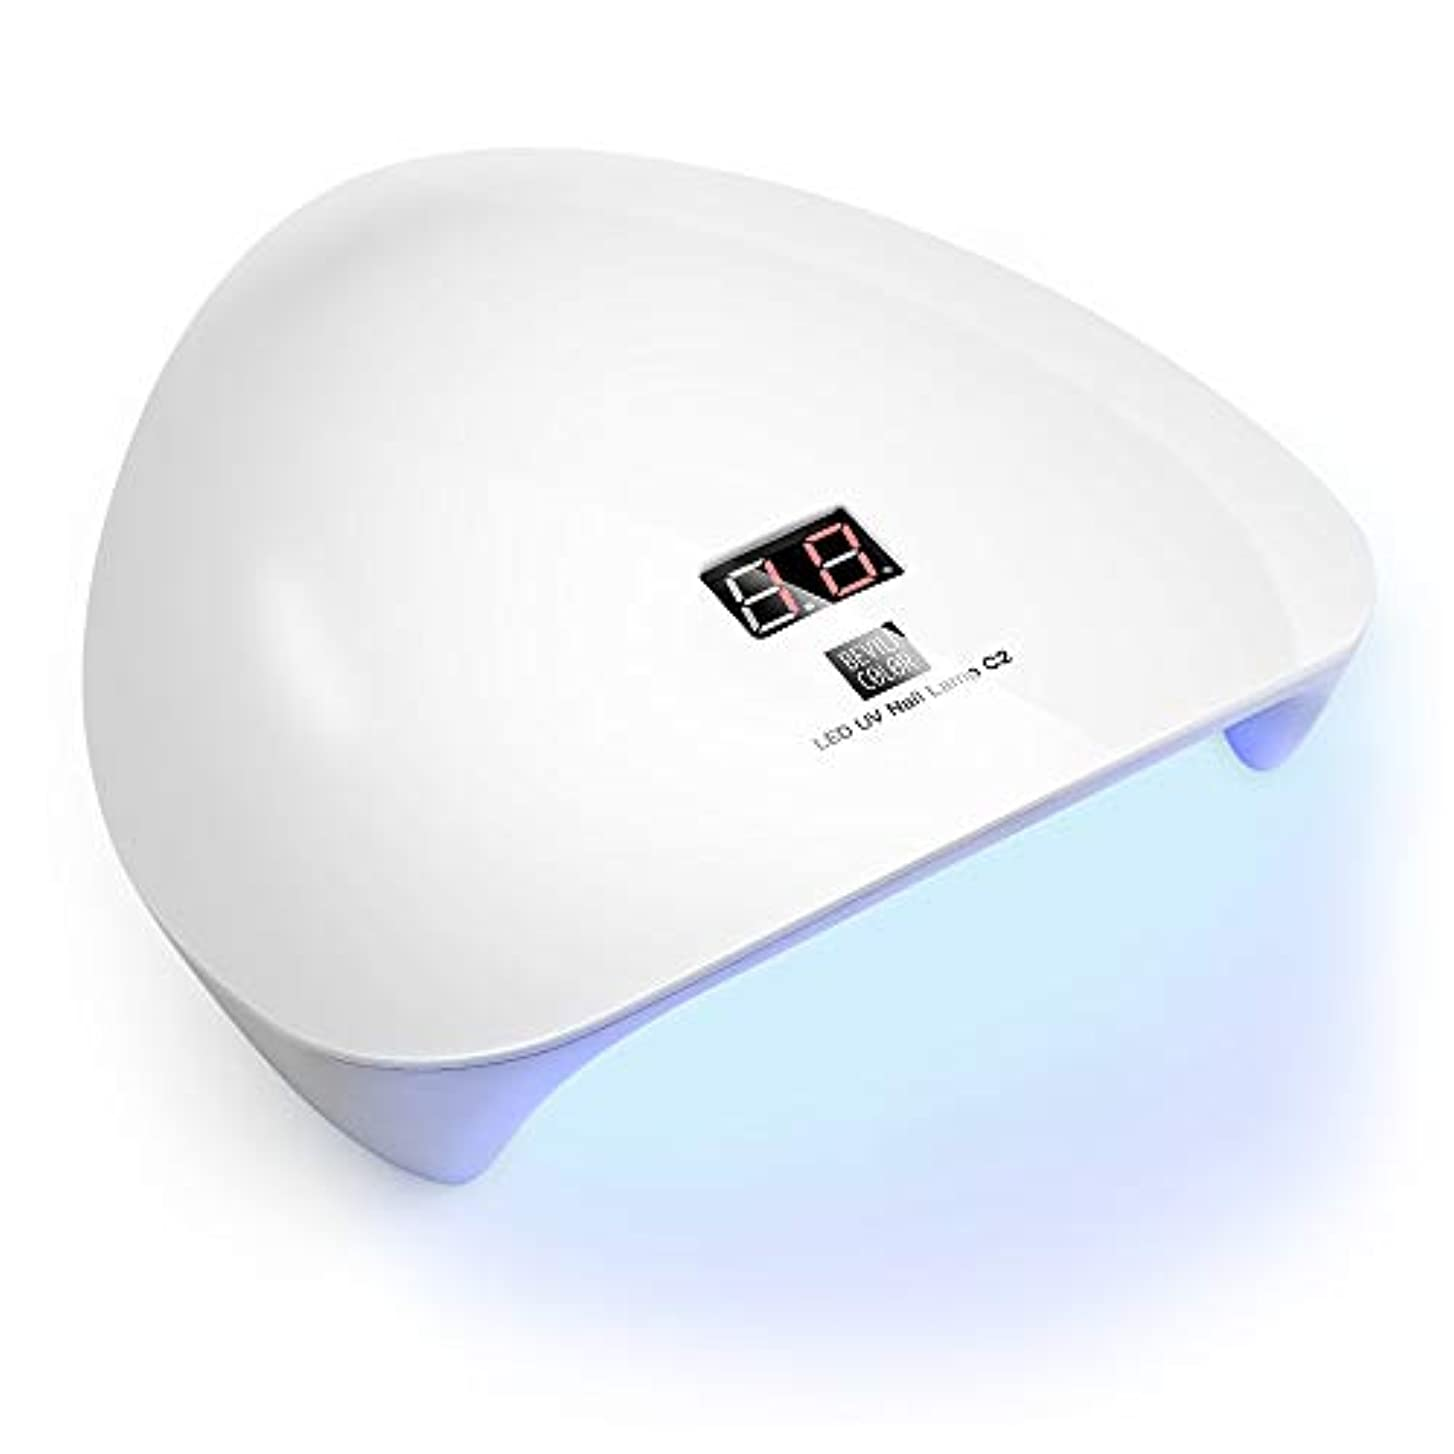 試験アダルトイノセンスWEVILI ネイル硬化用ライト UVライト LEDライト UVライトネイルドライヤー マニキュア用 LED ネイルドライヤー タイマー機能 自動センサー機能 レジン 便利 (45W 硬化用UVライト)